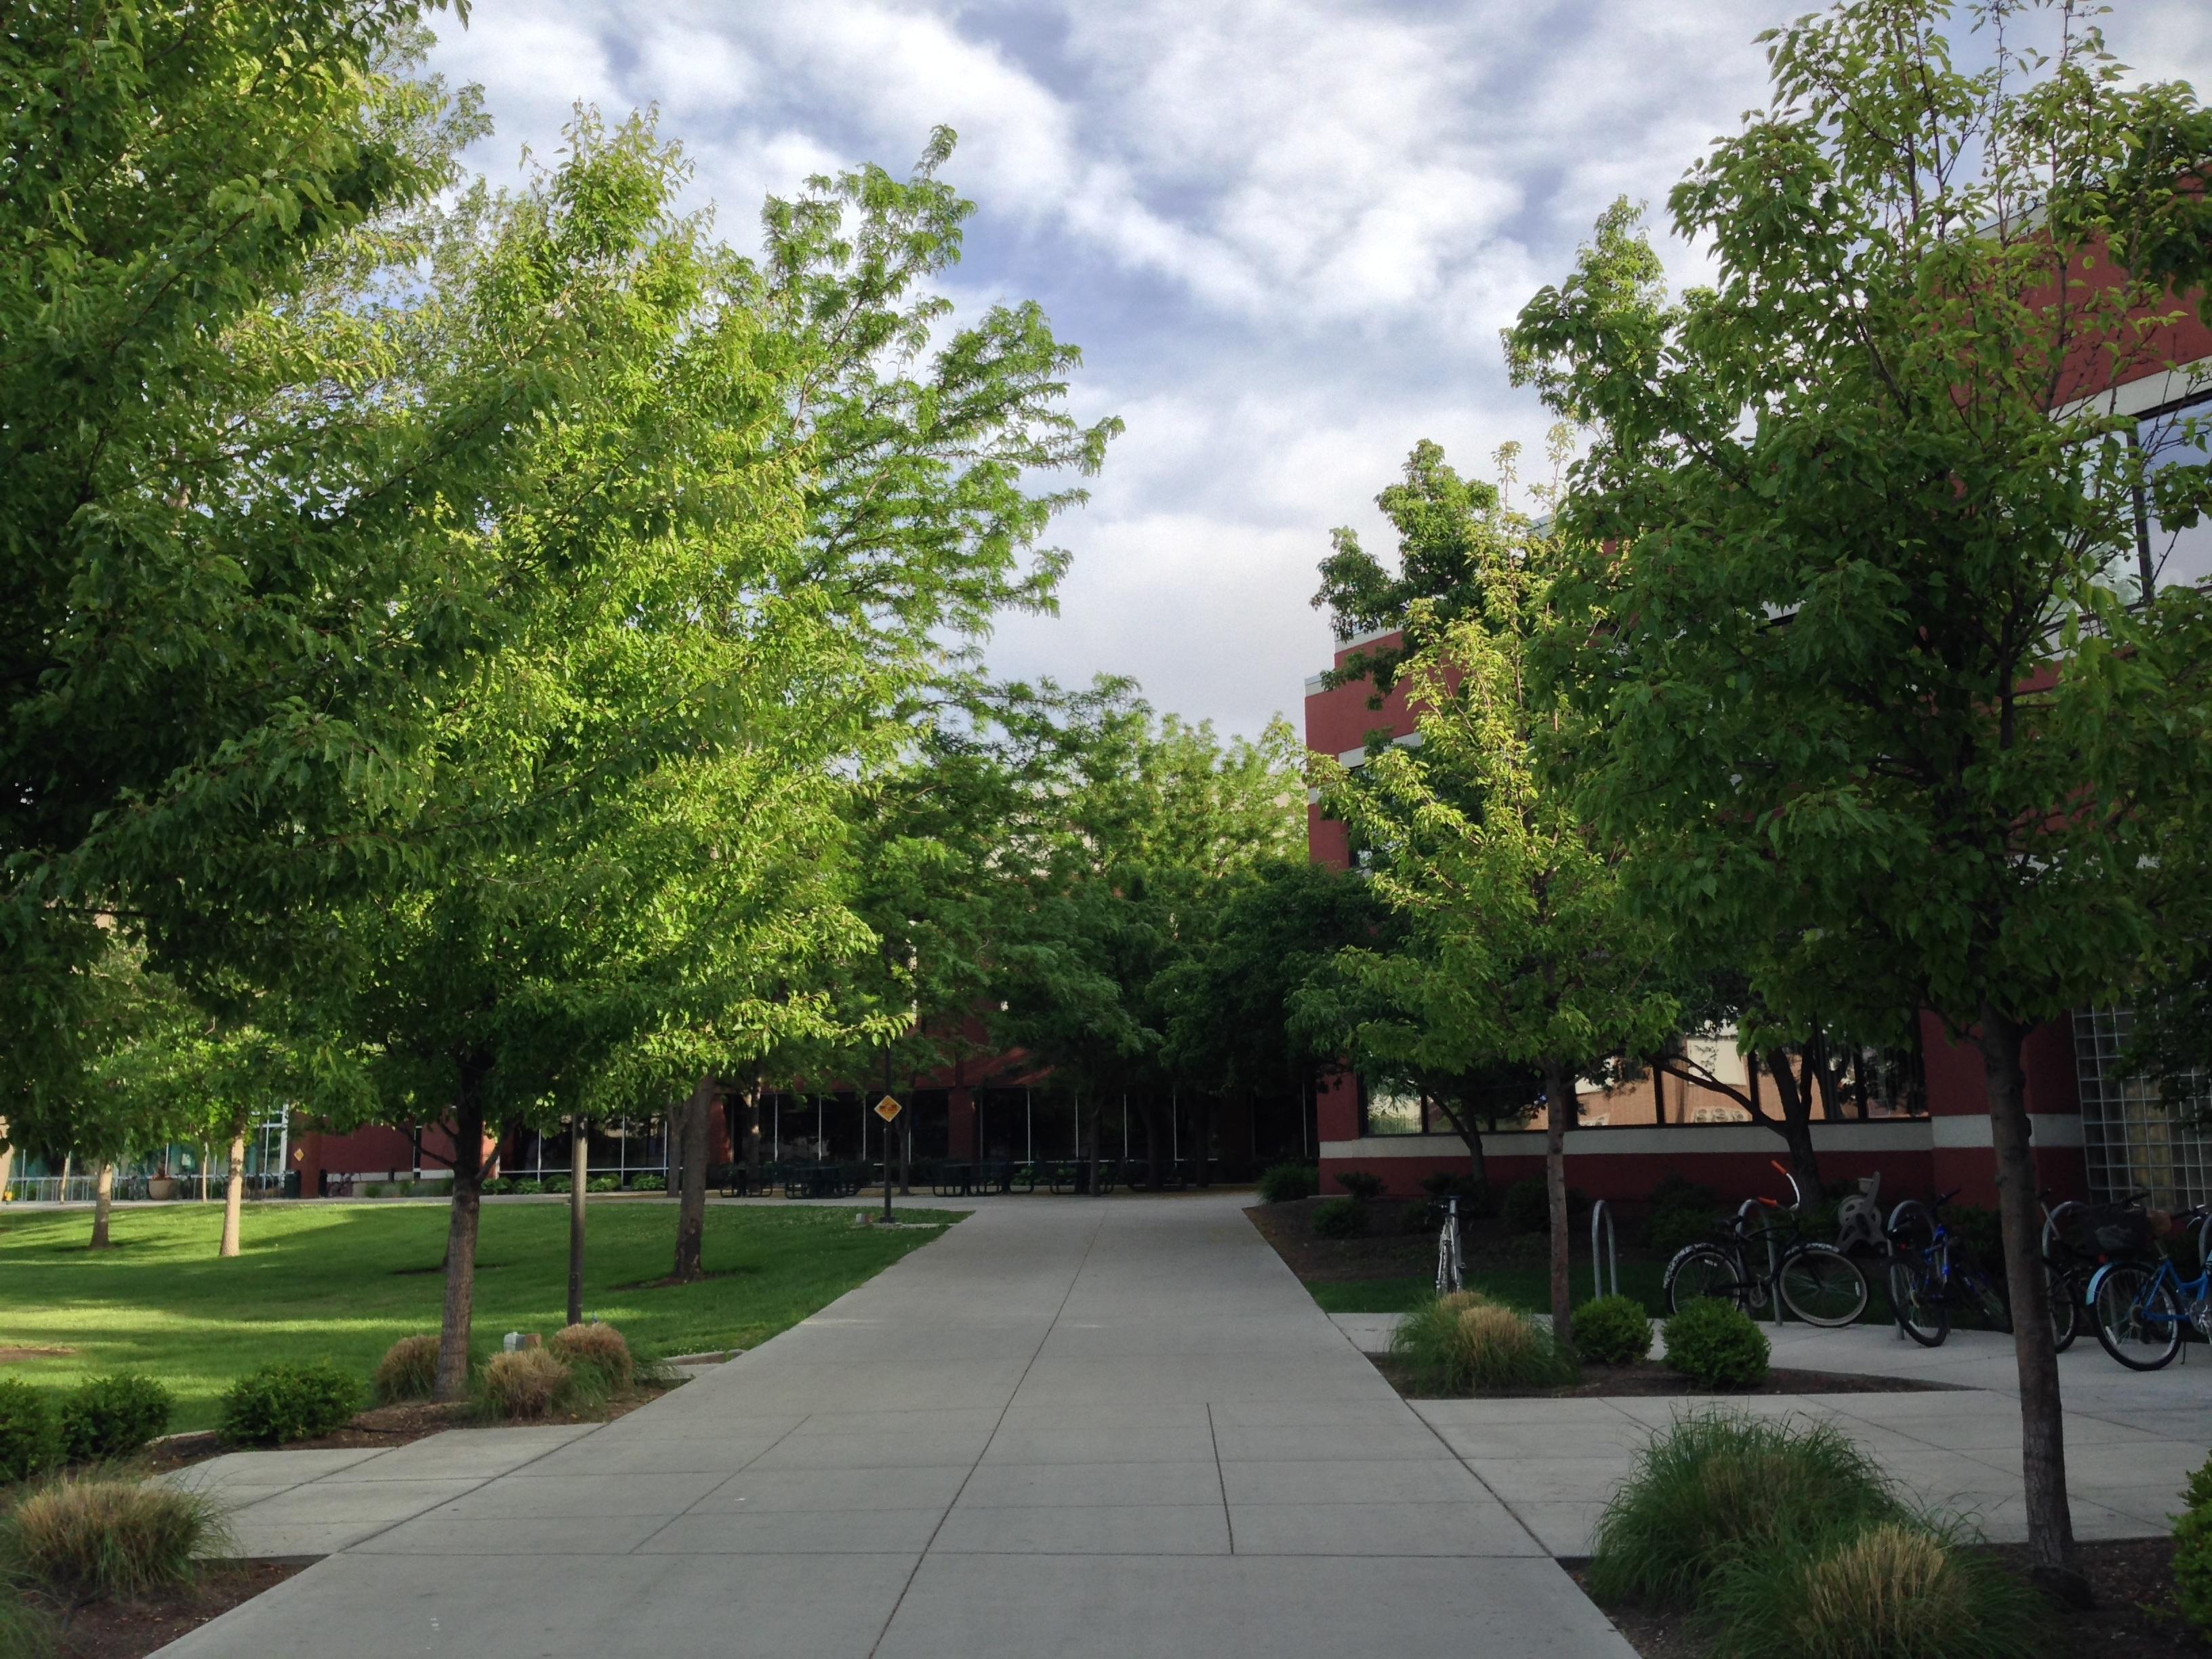 arbre ciel pelouse ville centre ville banlieue place parc jardin espace public des arbres universit place - Arbre Ciel